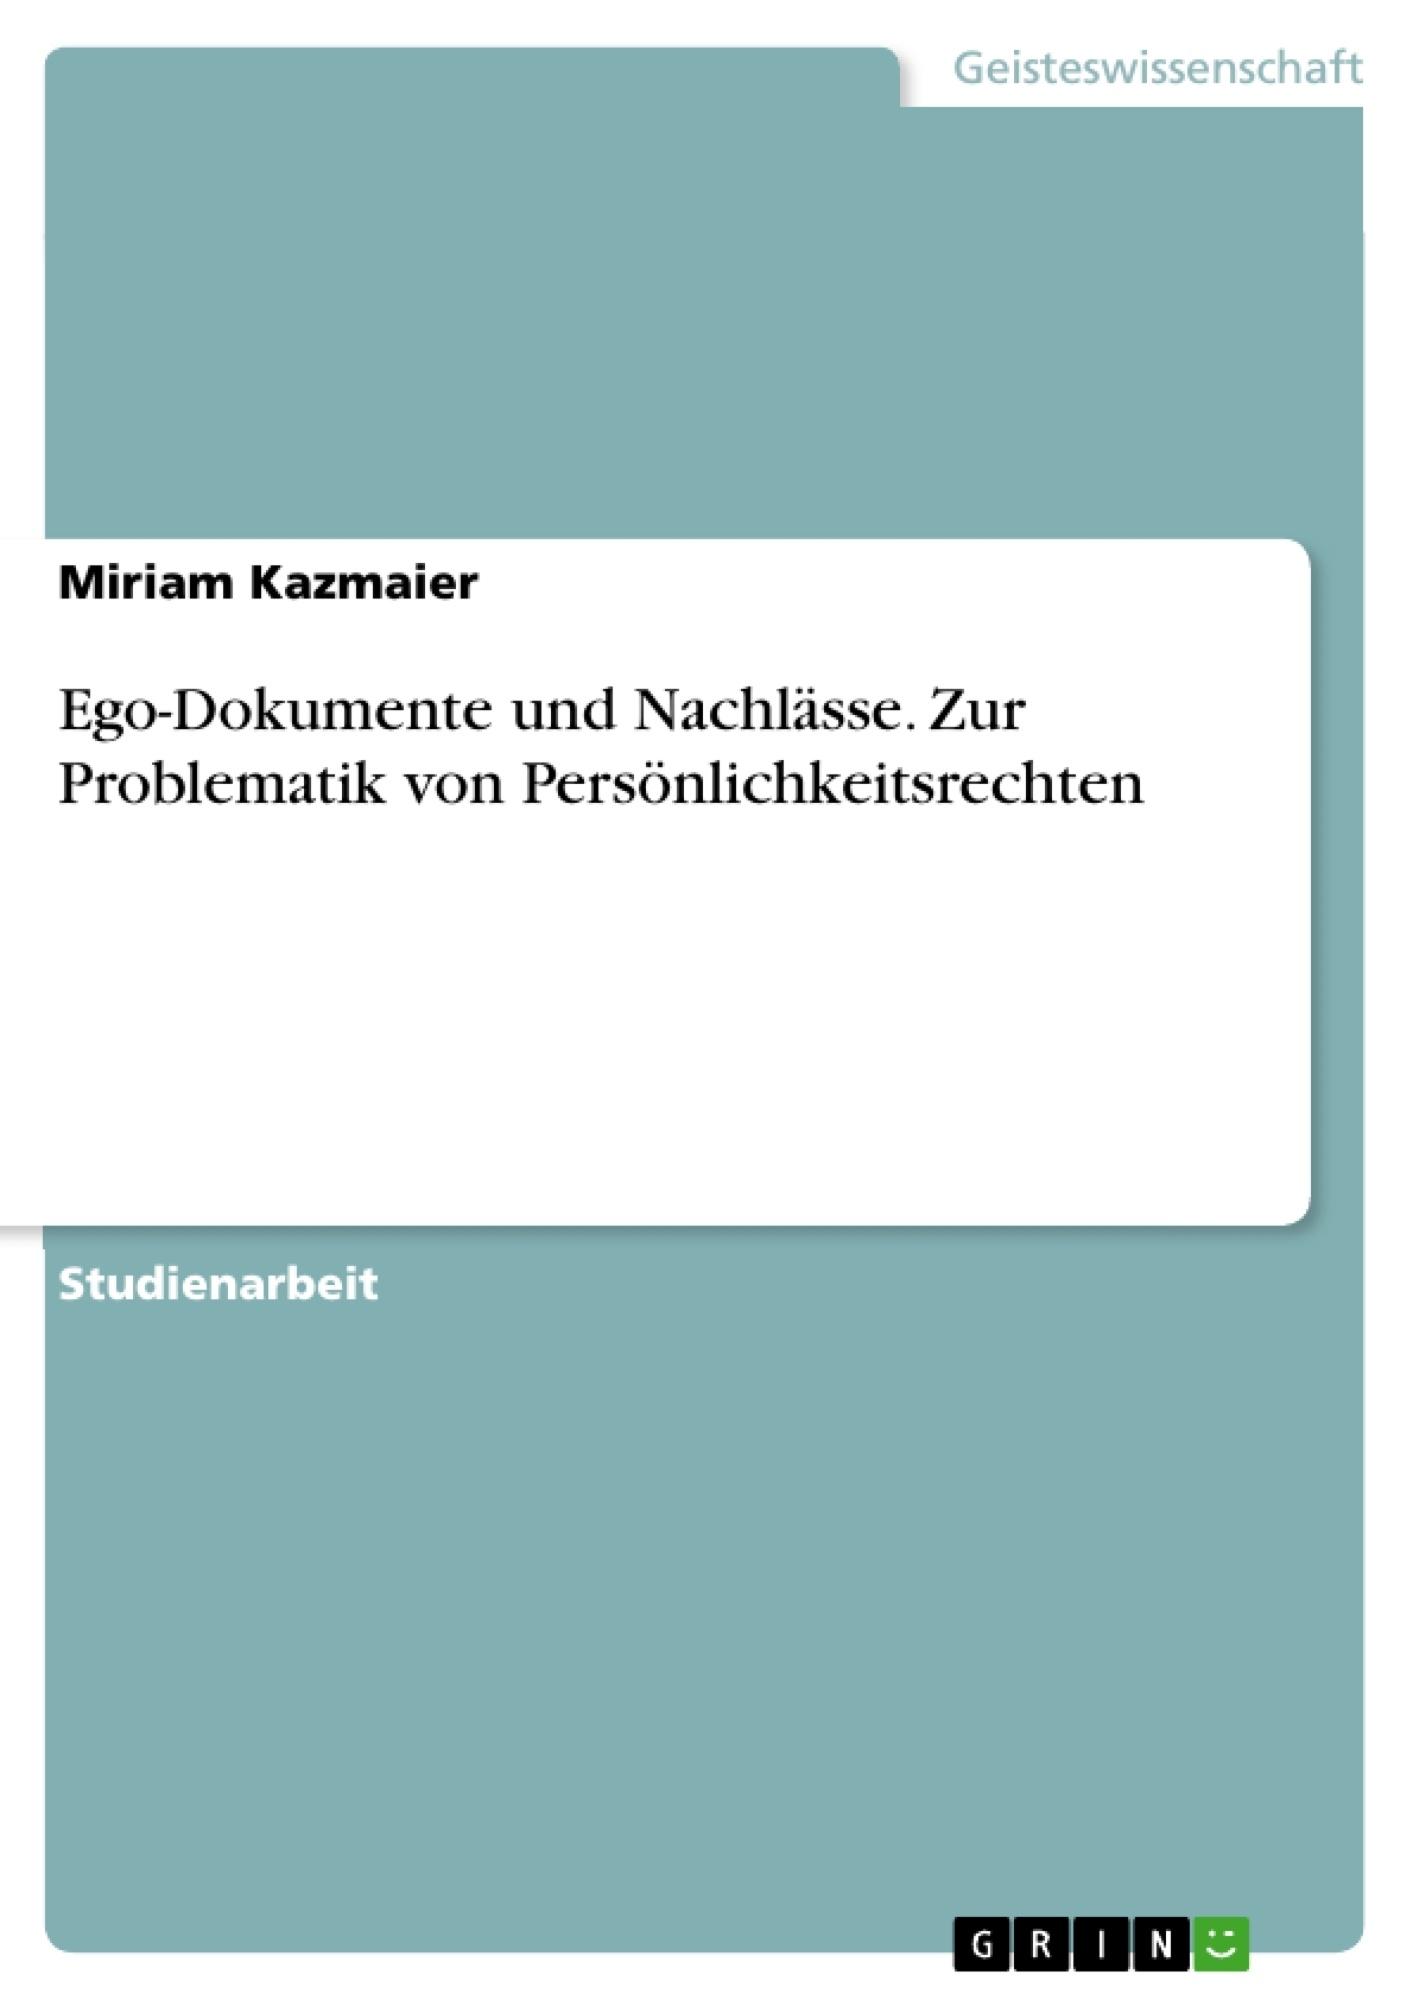 Titel: Ego-Dokumente und Nachlässe. Zur Problematik von Persönlichkeitsrechten